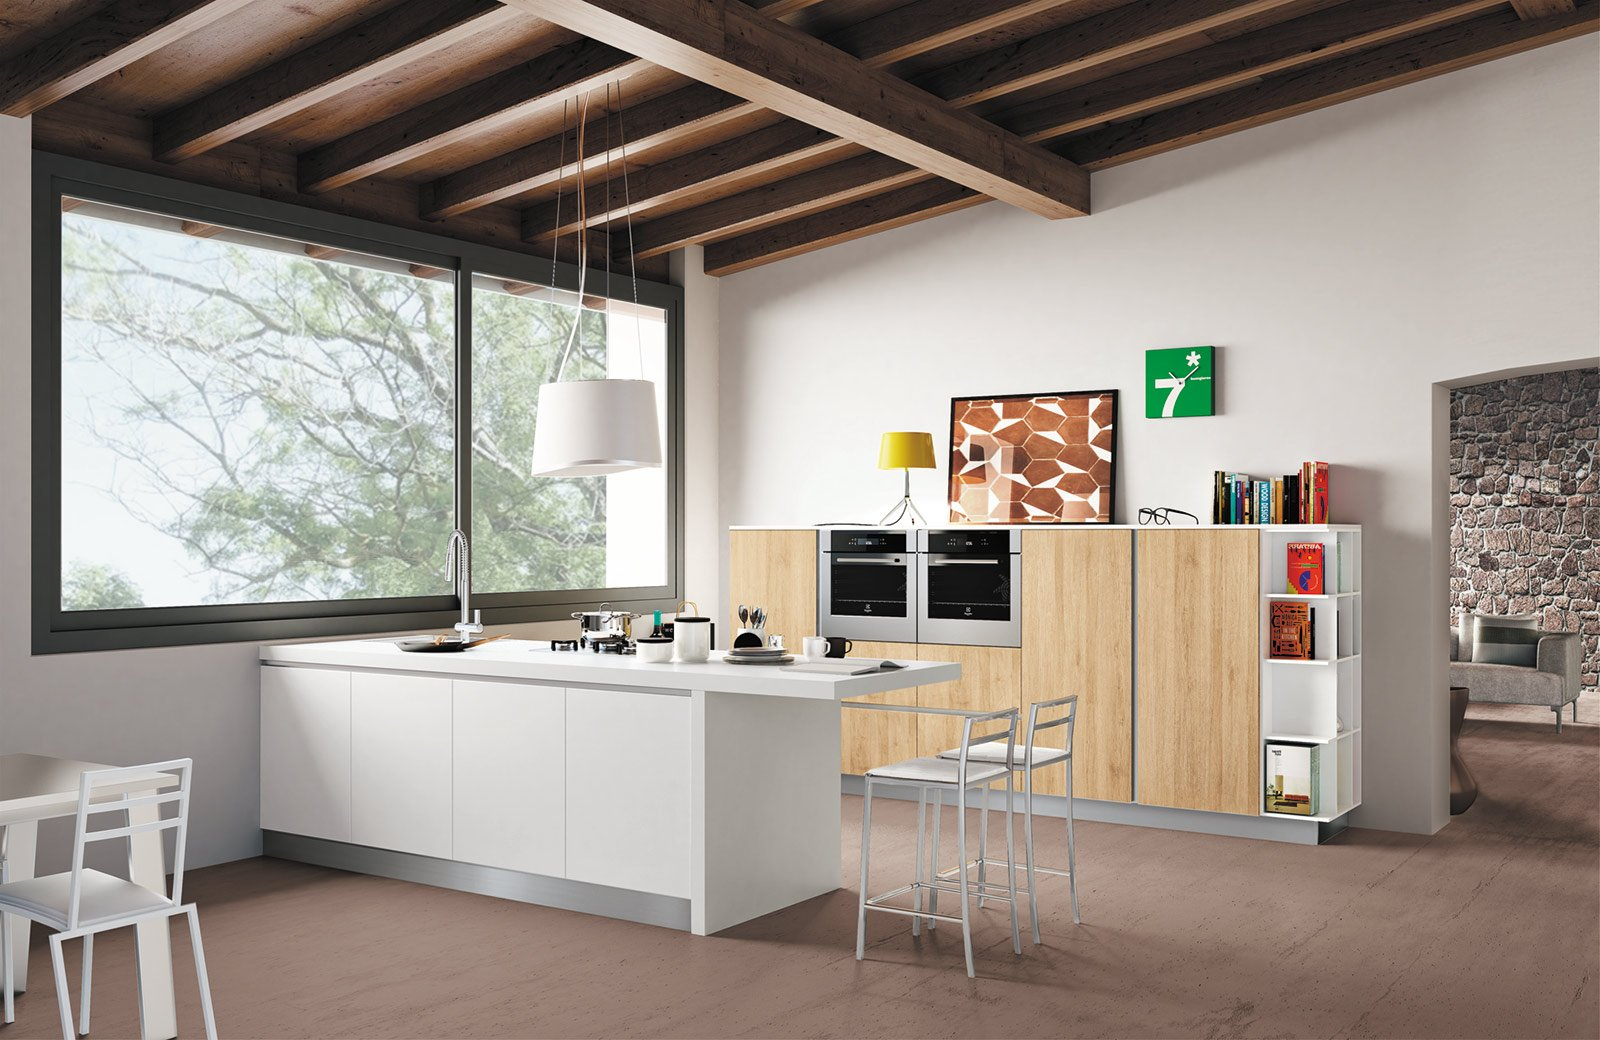 La cucina con l 39 isola monocromatica o bicolore cose di casa - Bancone cucina legno ...